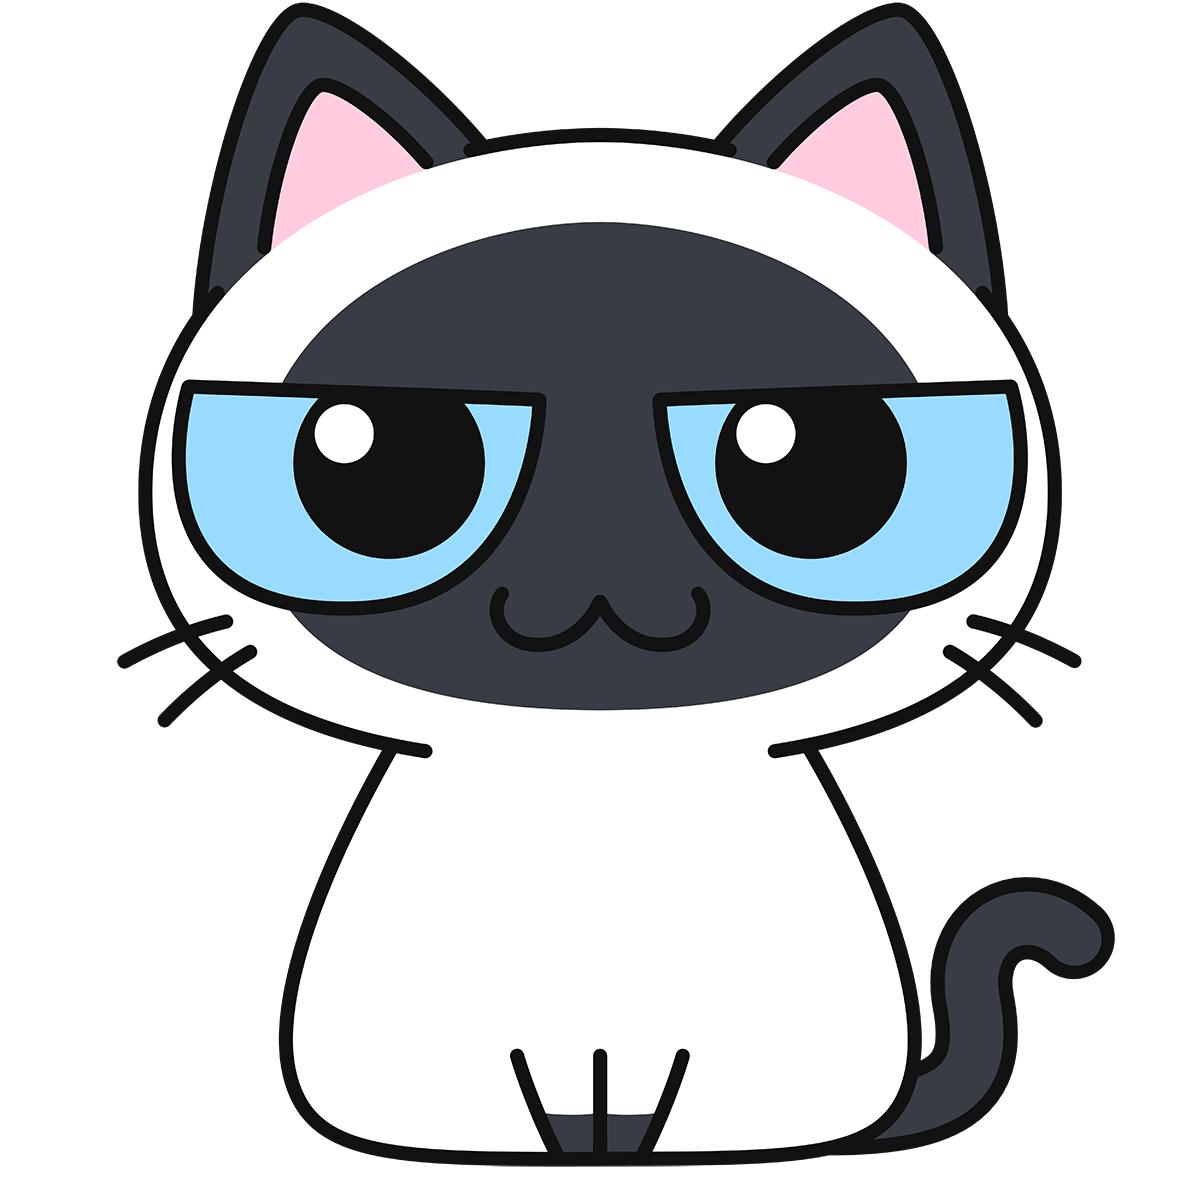 シャム柄猫の無料イラスト